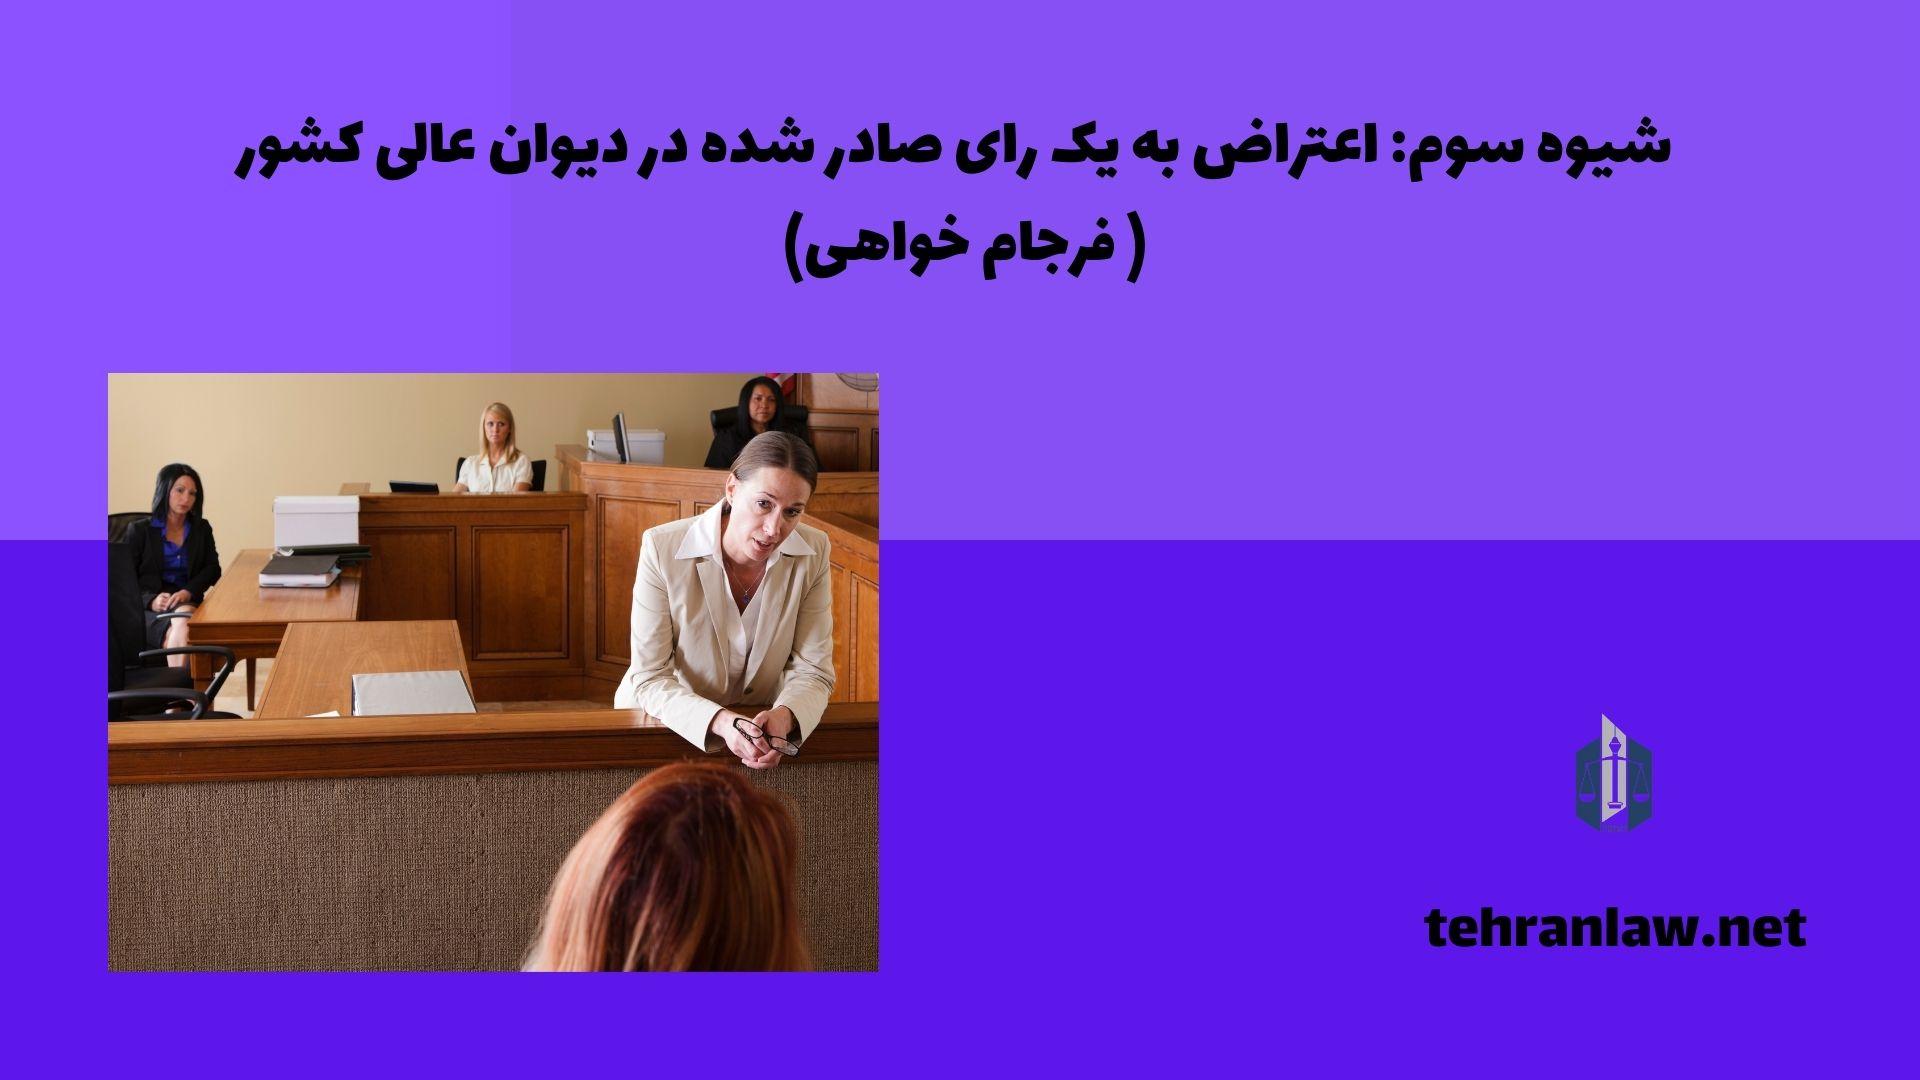 شیوه سوم: اعتراض به یک رای صادر شده در دیوان عالی کشور (فرجام خواهی):